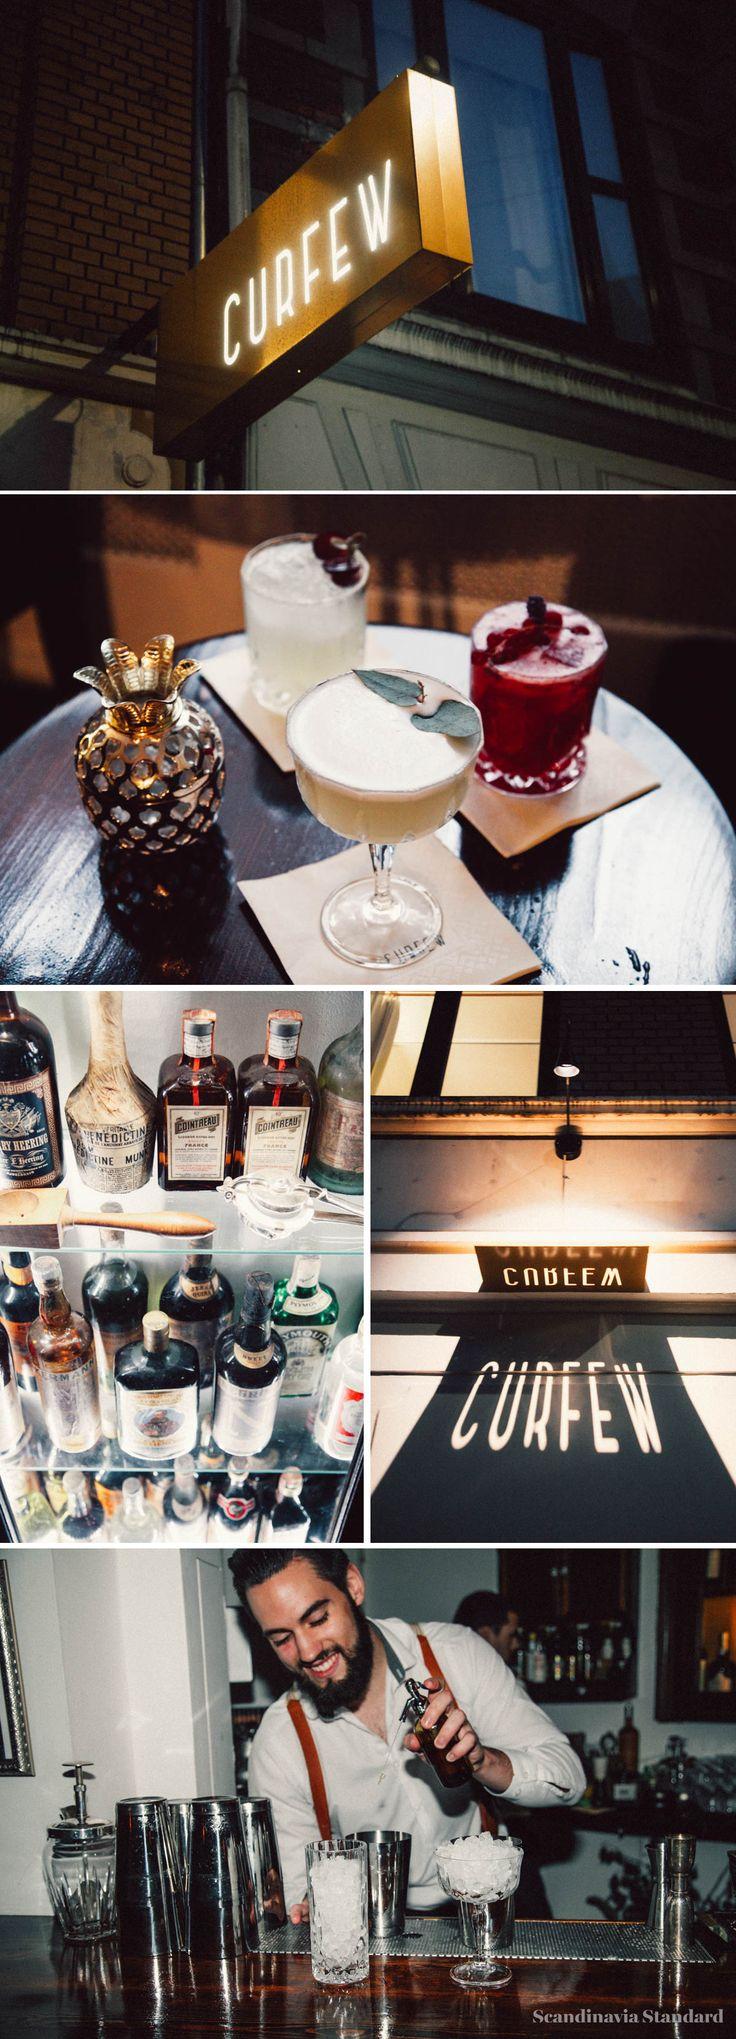 Curfew Cocktail Bar Copenhagen | Scandinavia Standard